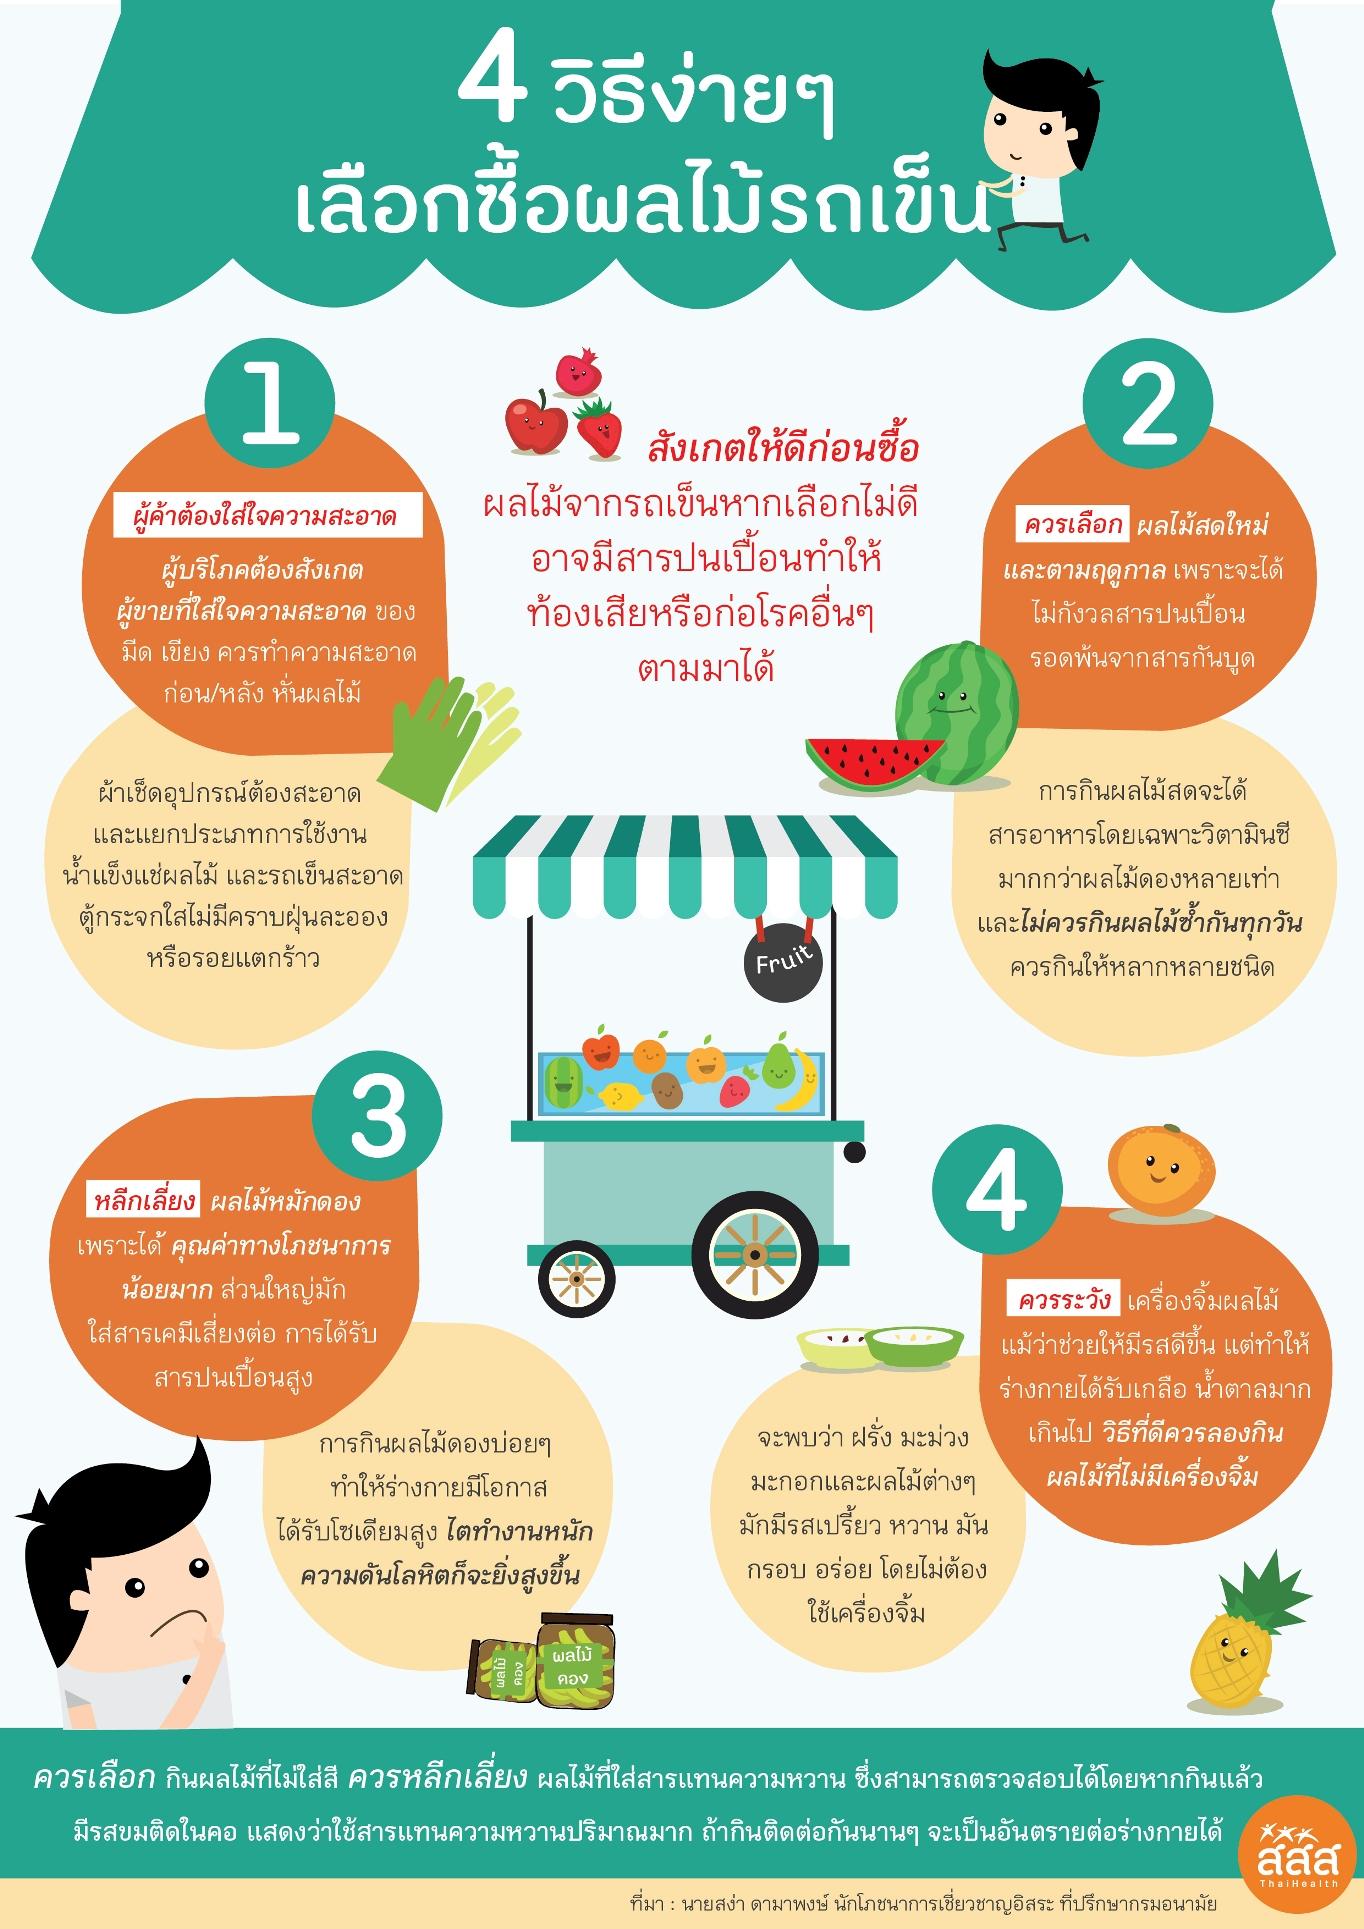 4 วิธีง่ายๆ เลือกซื้อผลไม้รถเข็น_cs